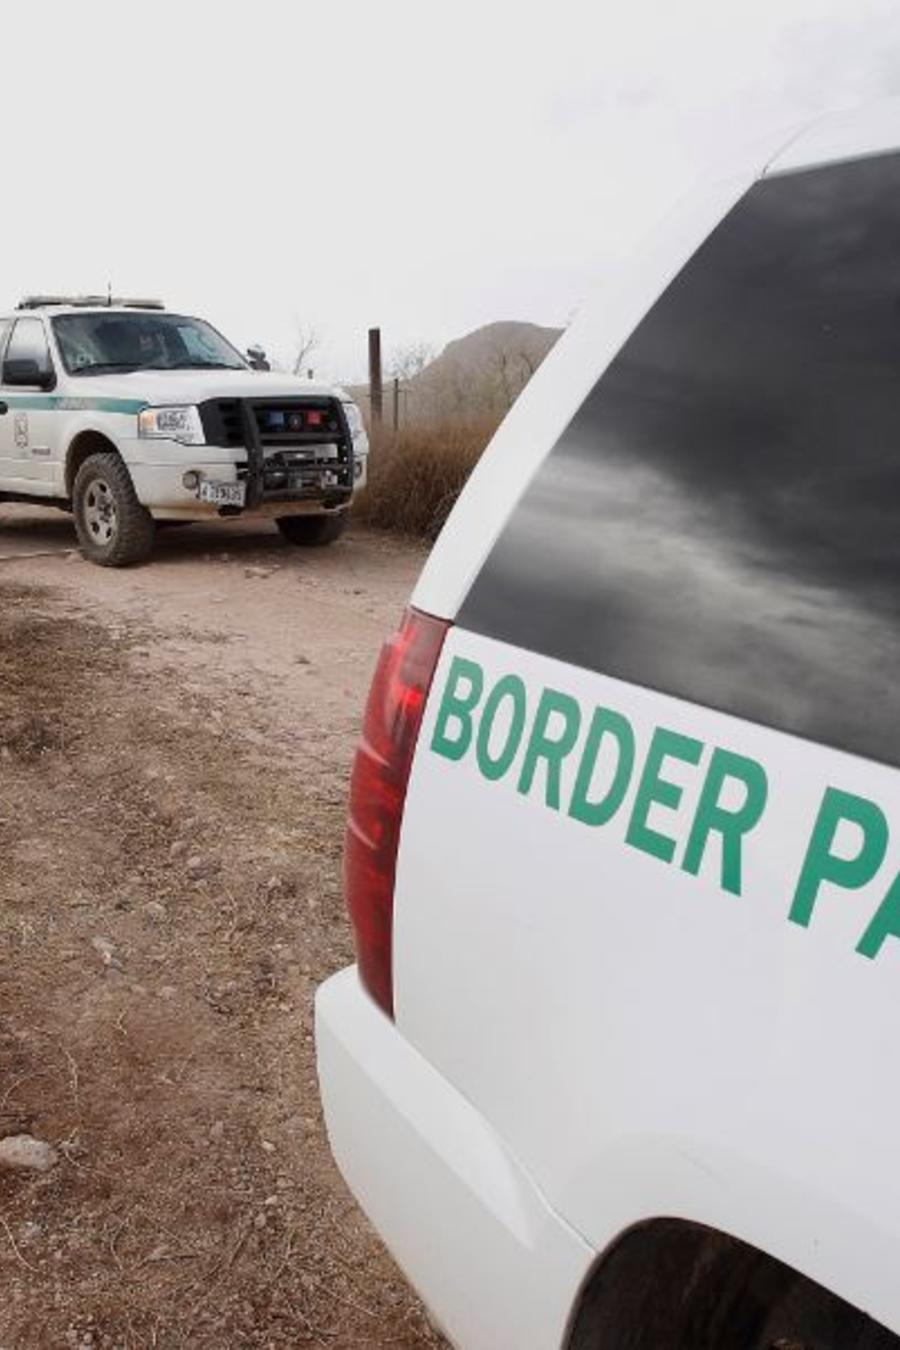 Foto del 16 de diciembre de 2010 muestra vehículos de la Patrulla Fronteriza de EE. UU. que peinan el desierto de Arizona, a unas 10 millas al norte de México, en busca de un sospechoso del tiroteo fatal del agente de la Patrulla Fronteriza Brian Terry.